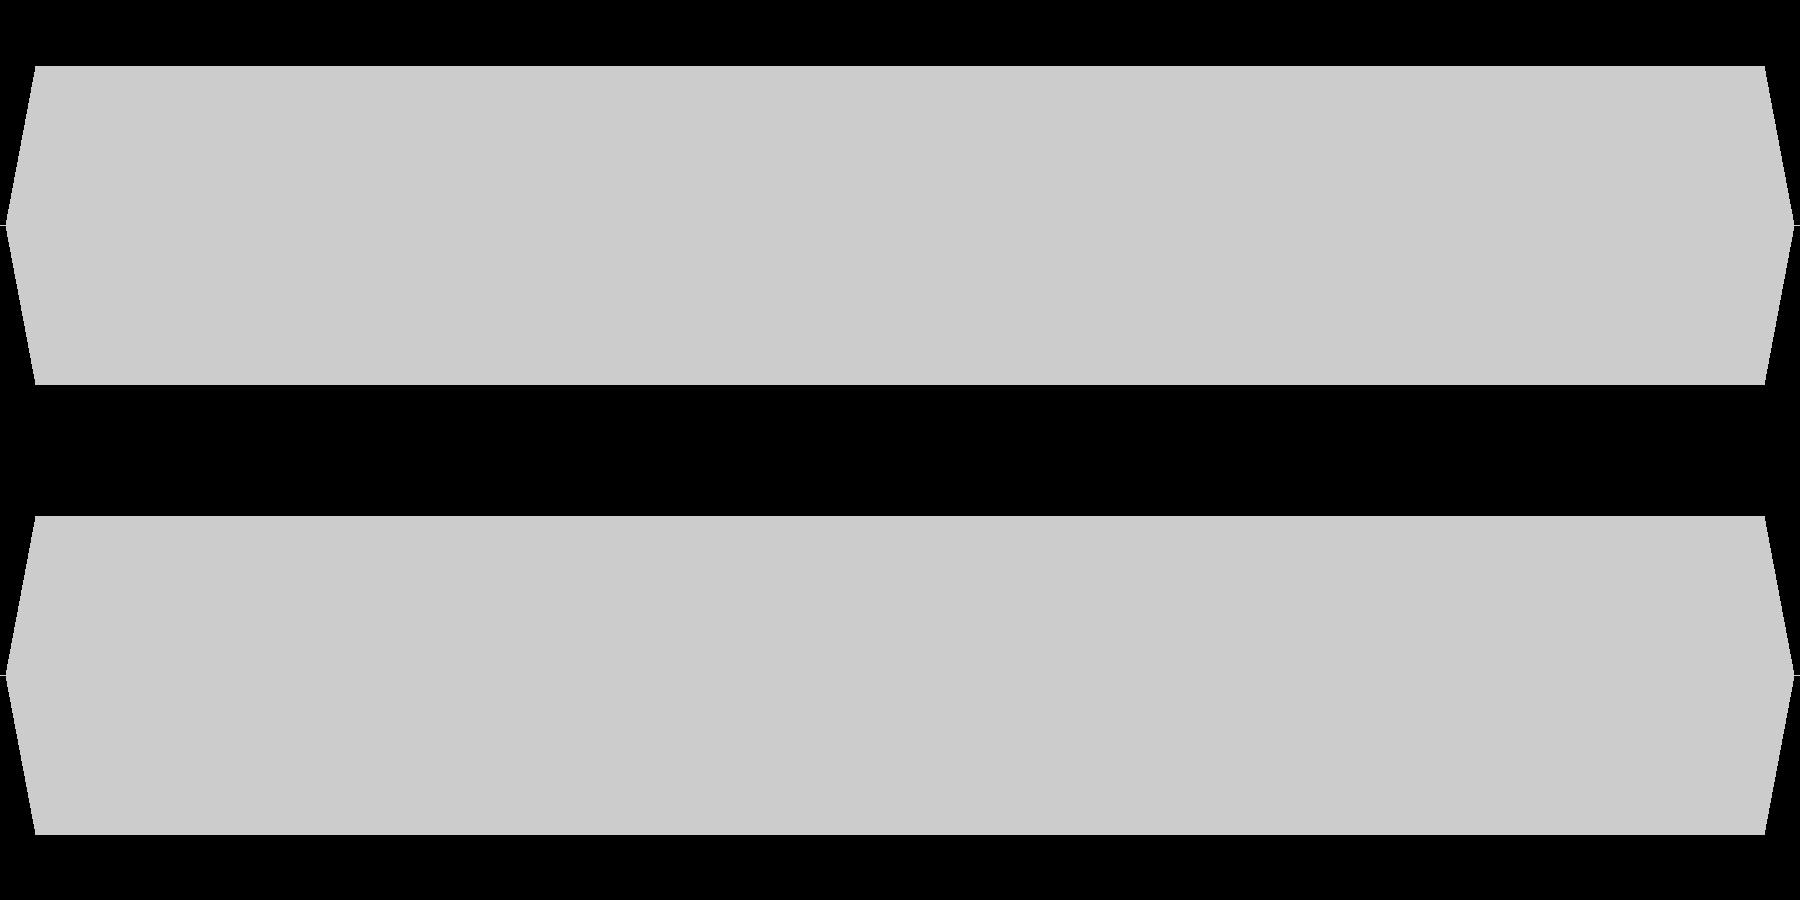 モスキート音 21kHzの未再生の波形